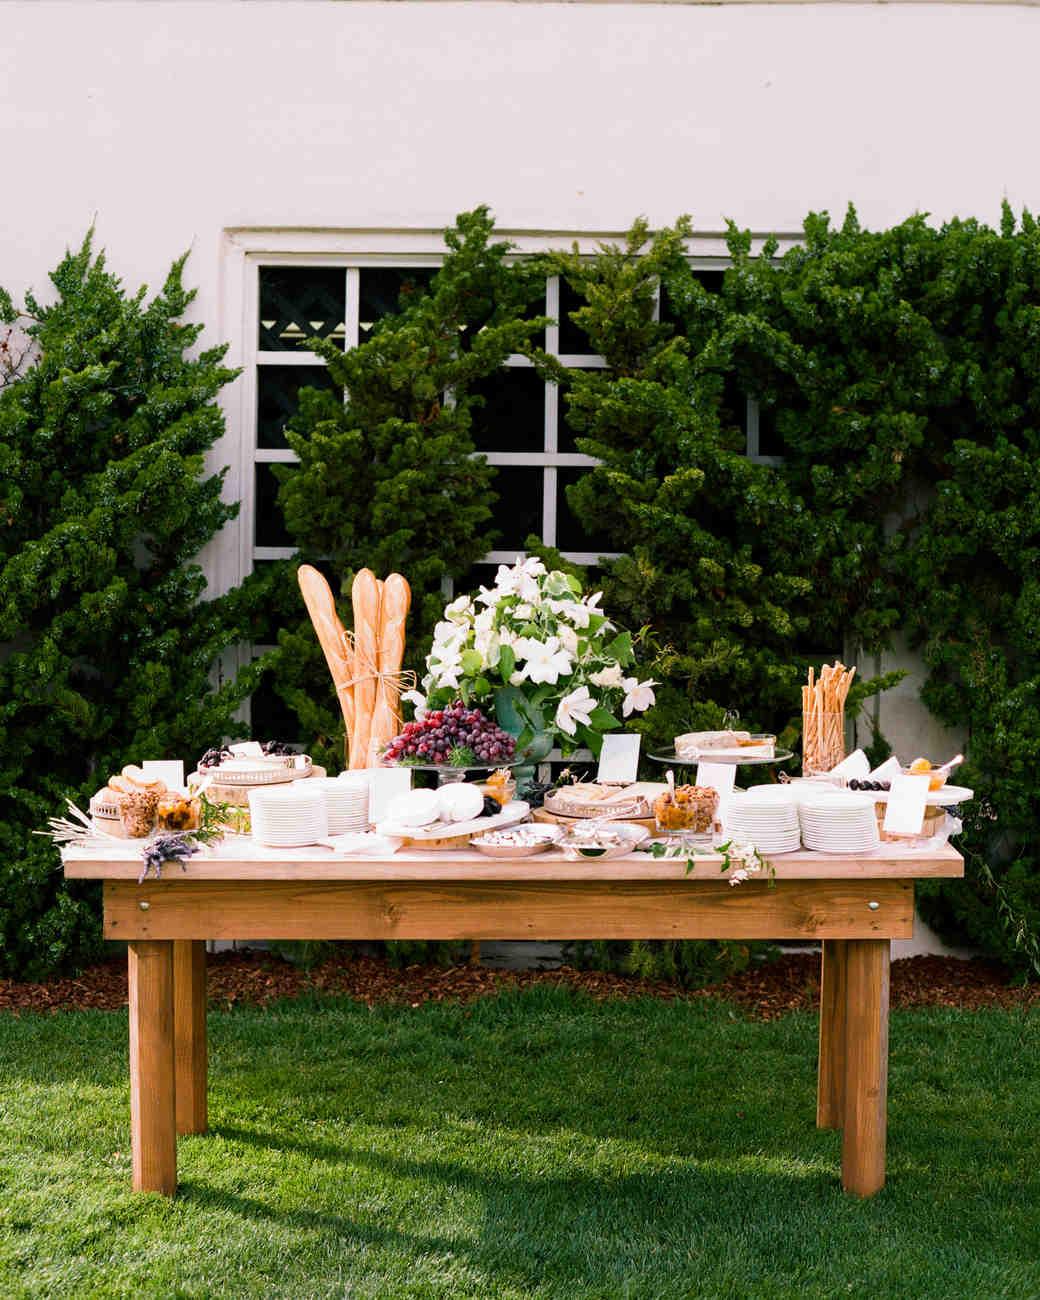 marwa-peter-wedding-food2-0414.jpg